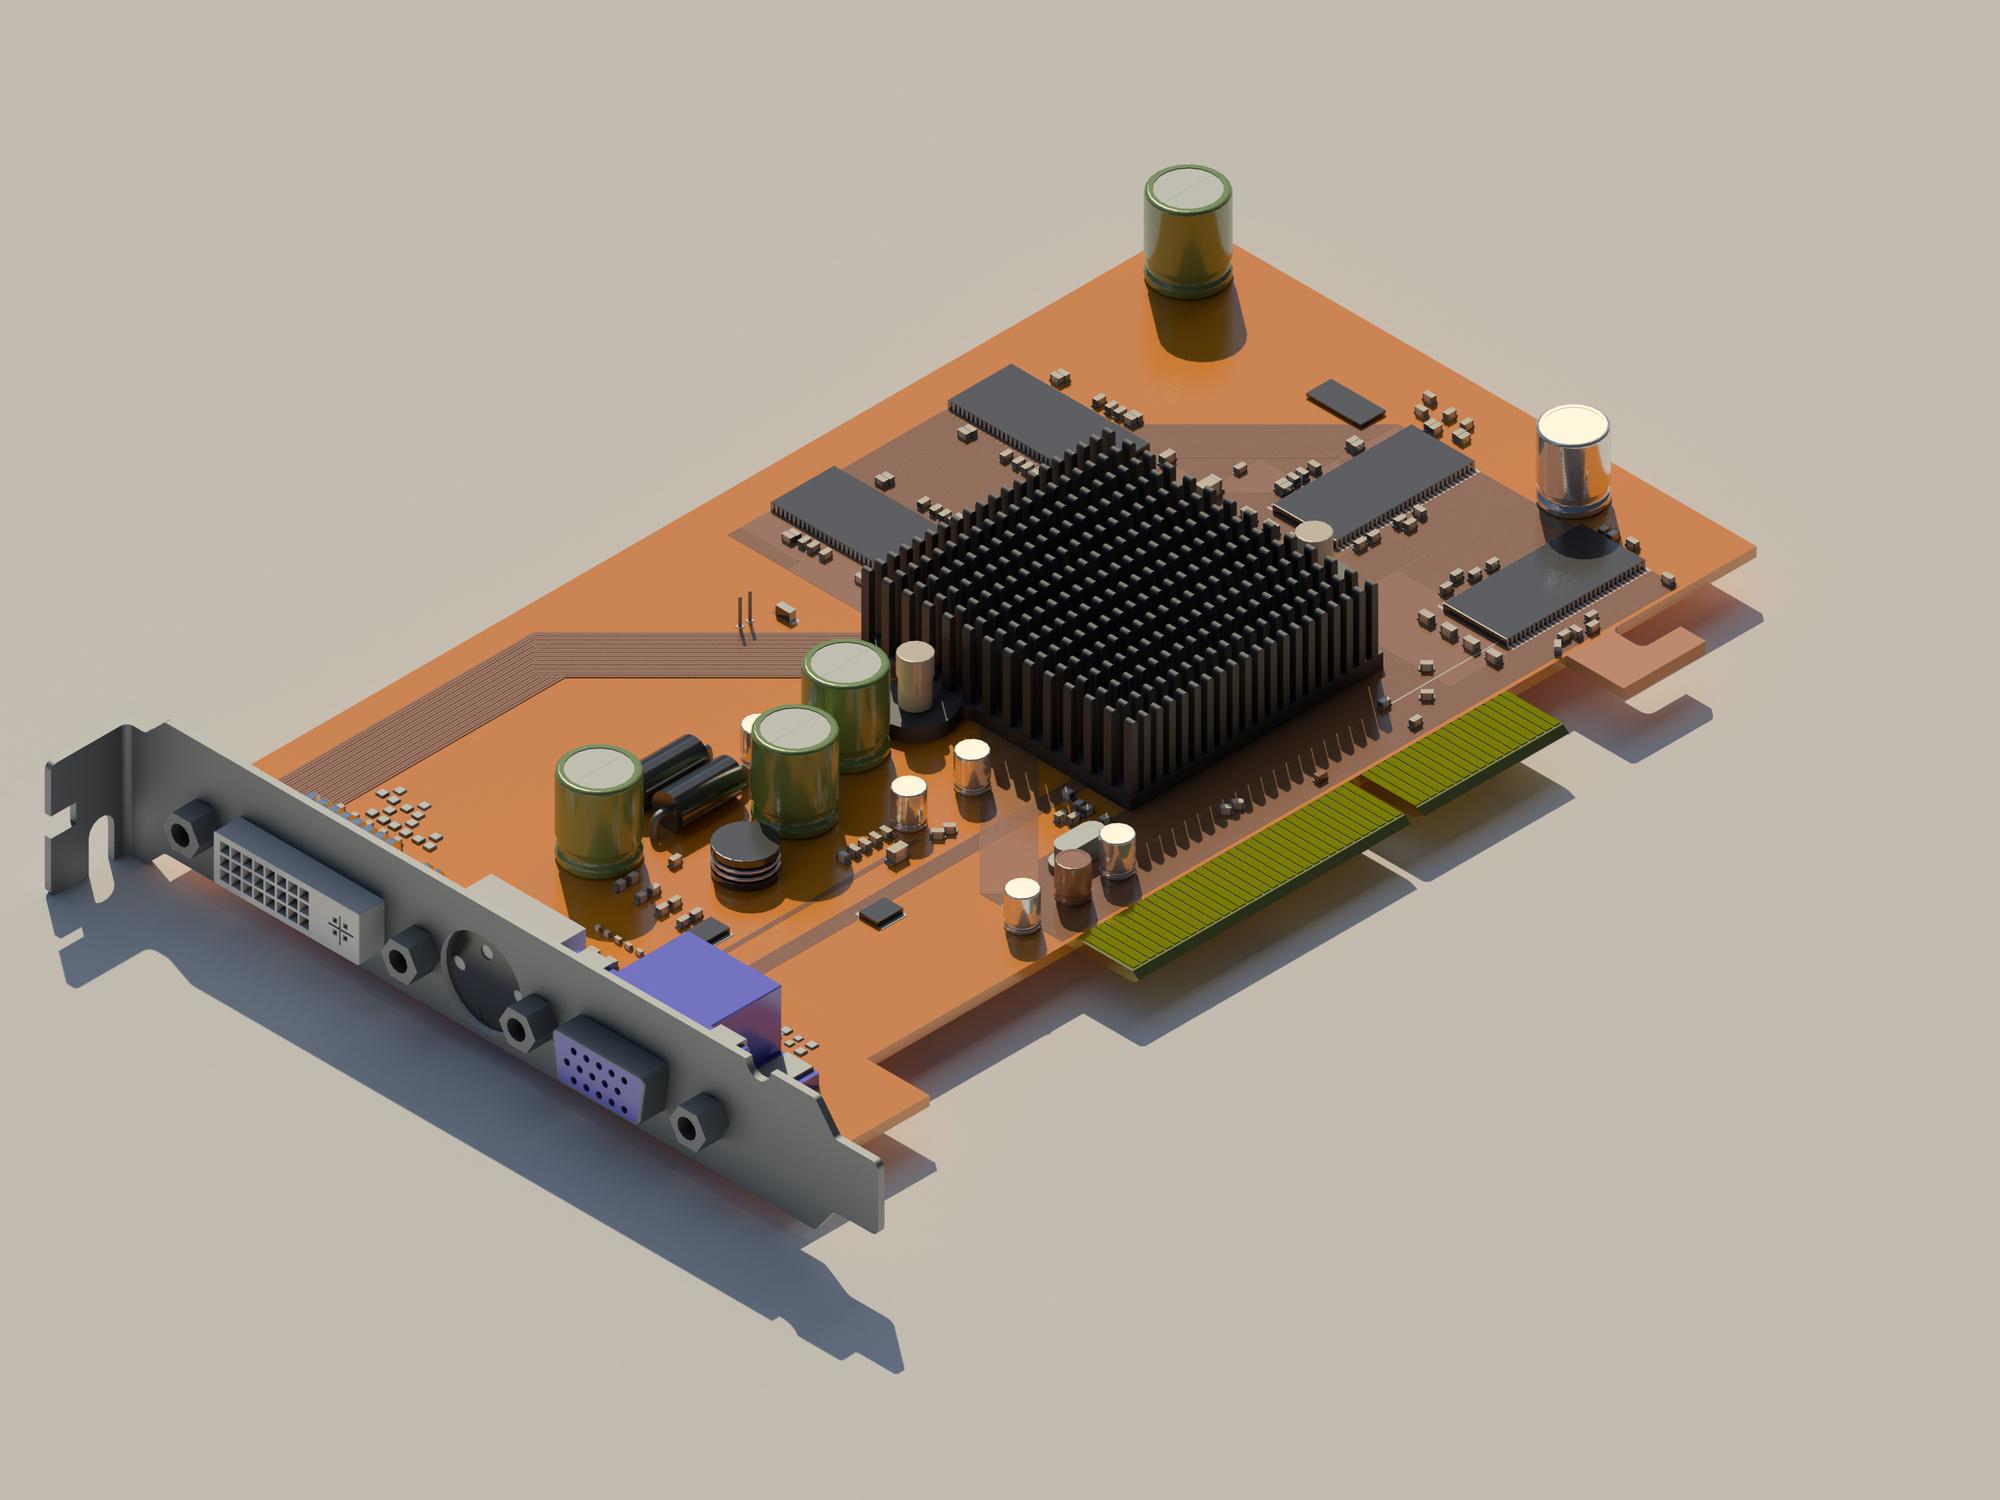 Raas-rendering20150118-1403-pneknc